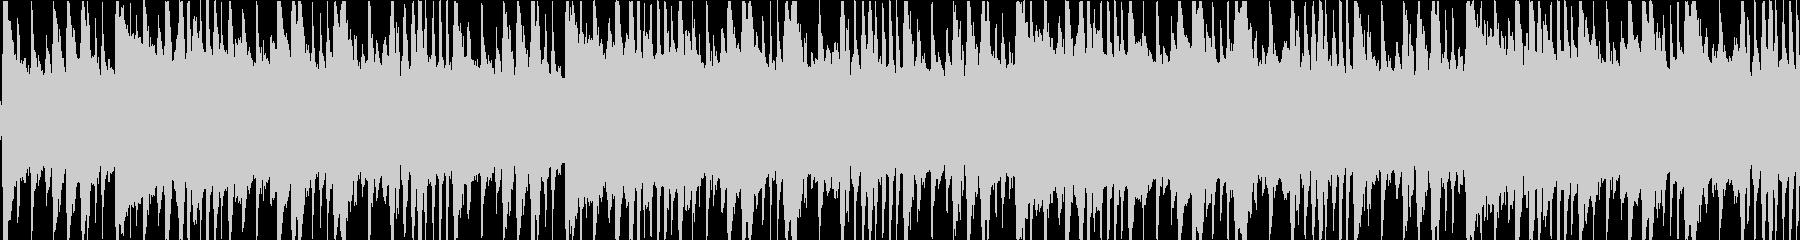 ギターのハーモニクス、ピアノ、シン...の未再生の波形